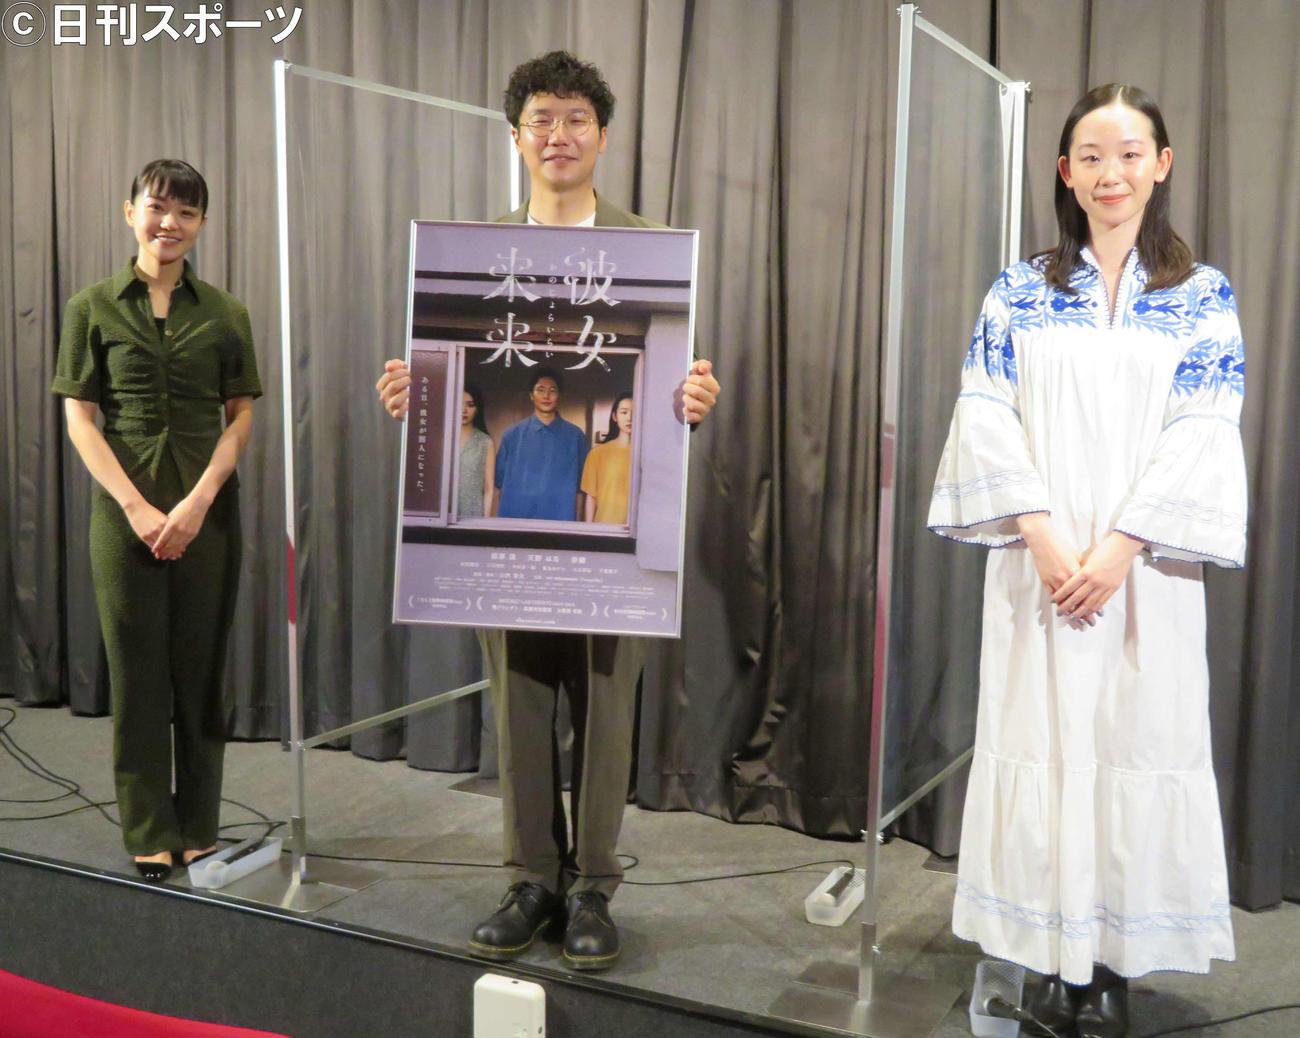 映画「彼女来来」の初日舞台あいさつに登壇した、左から奈緒、前原滉、天野はな(撮影・村上幸将)